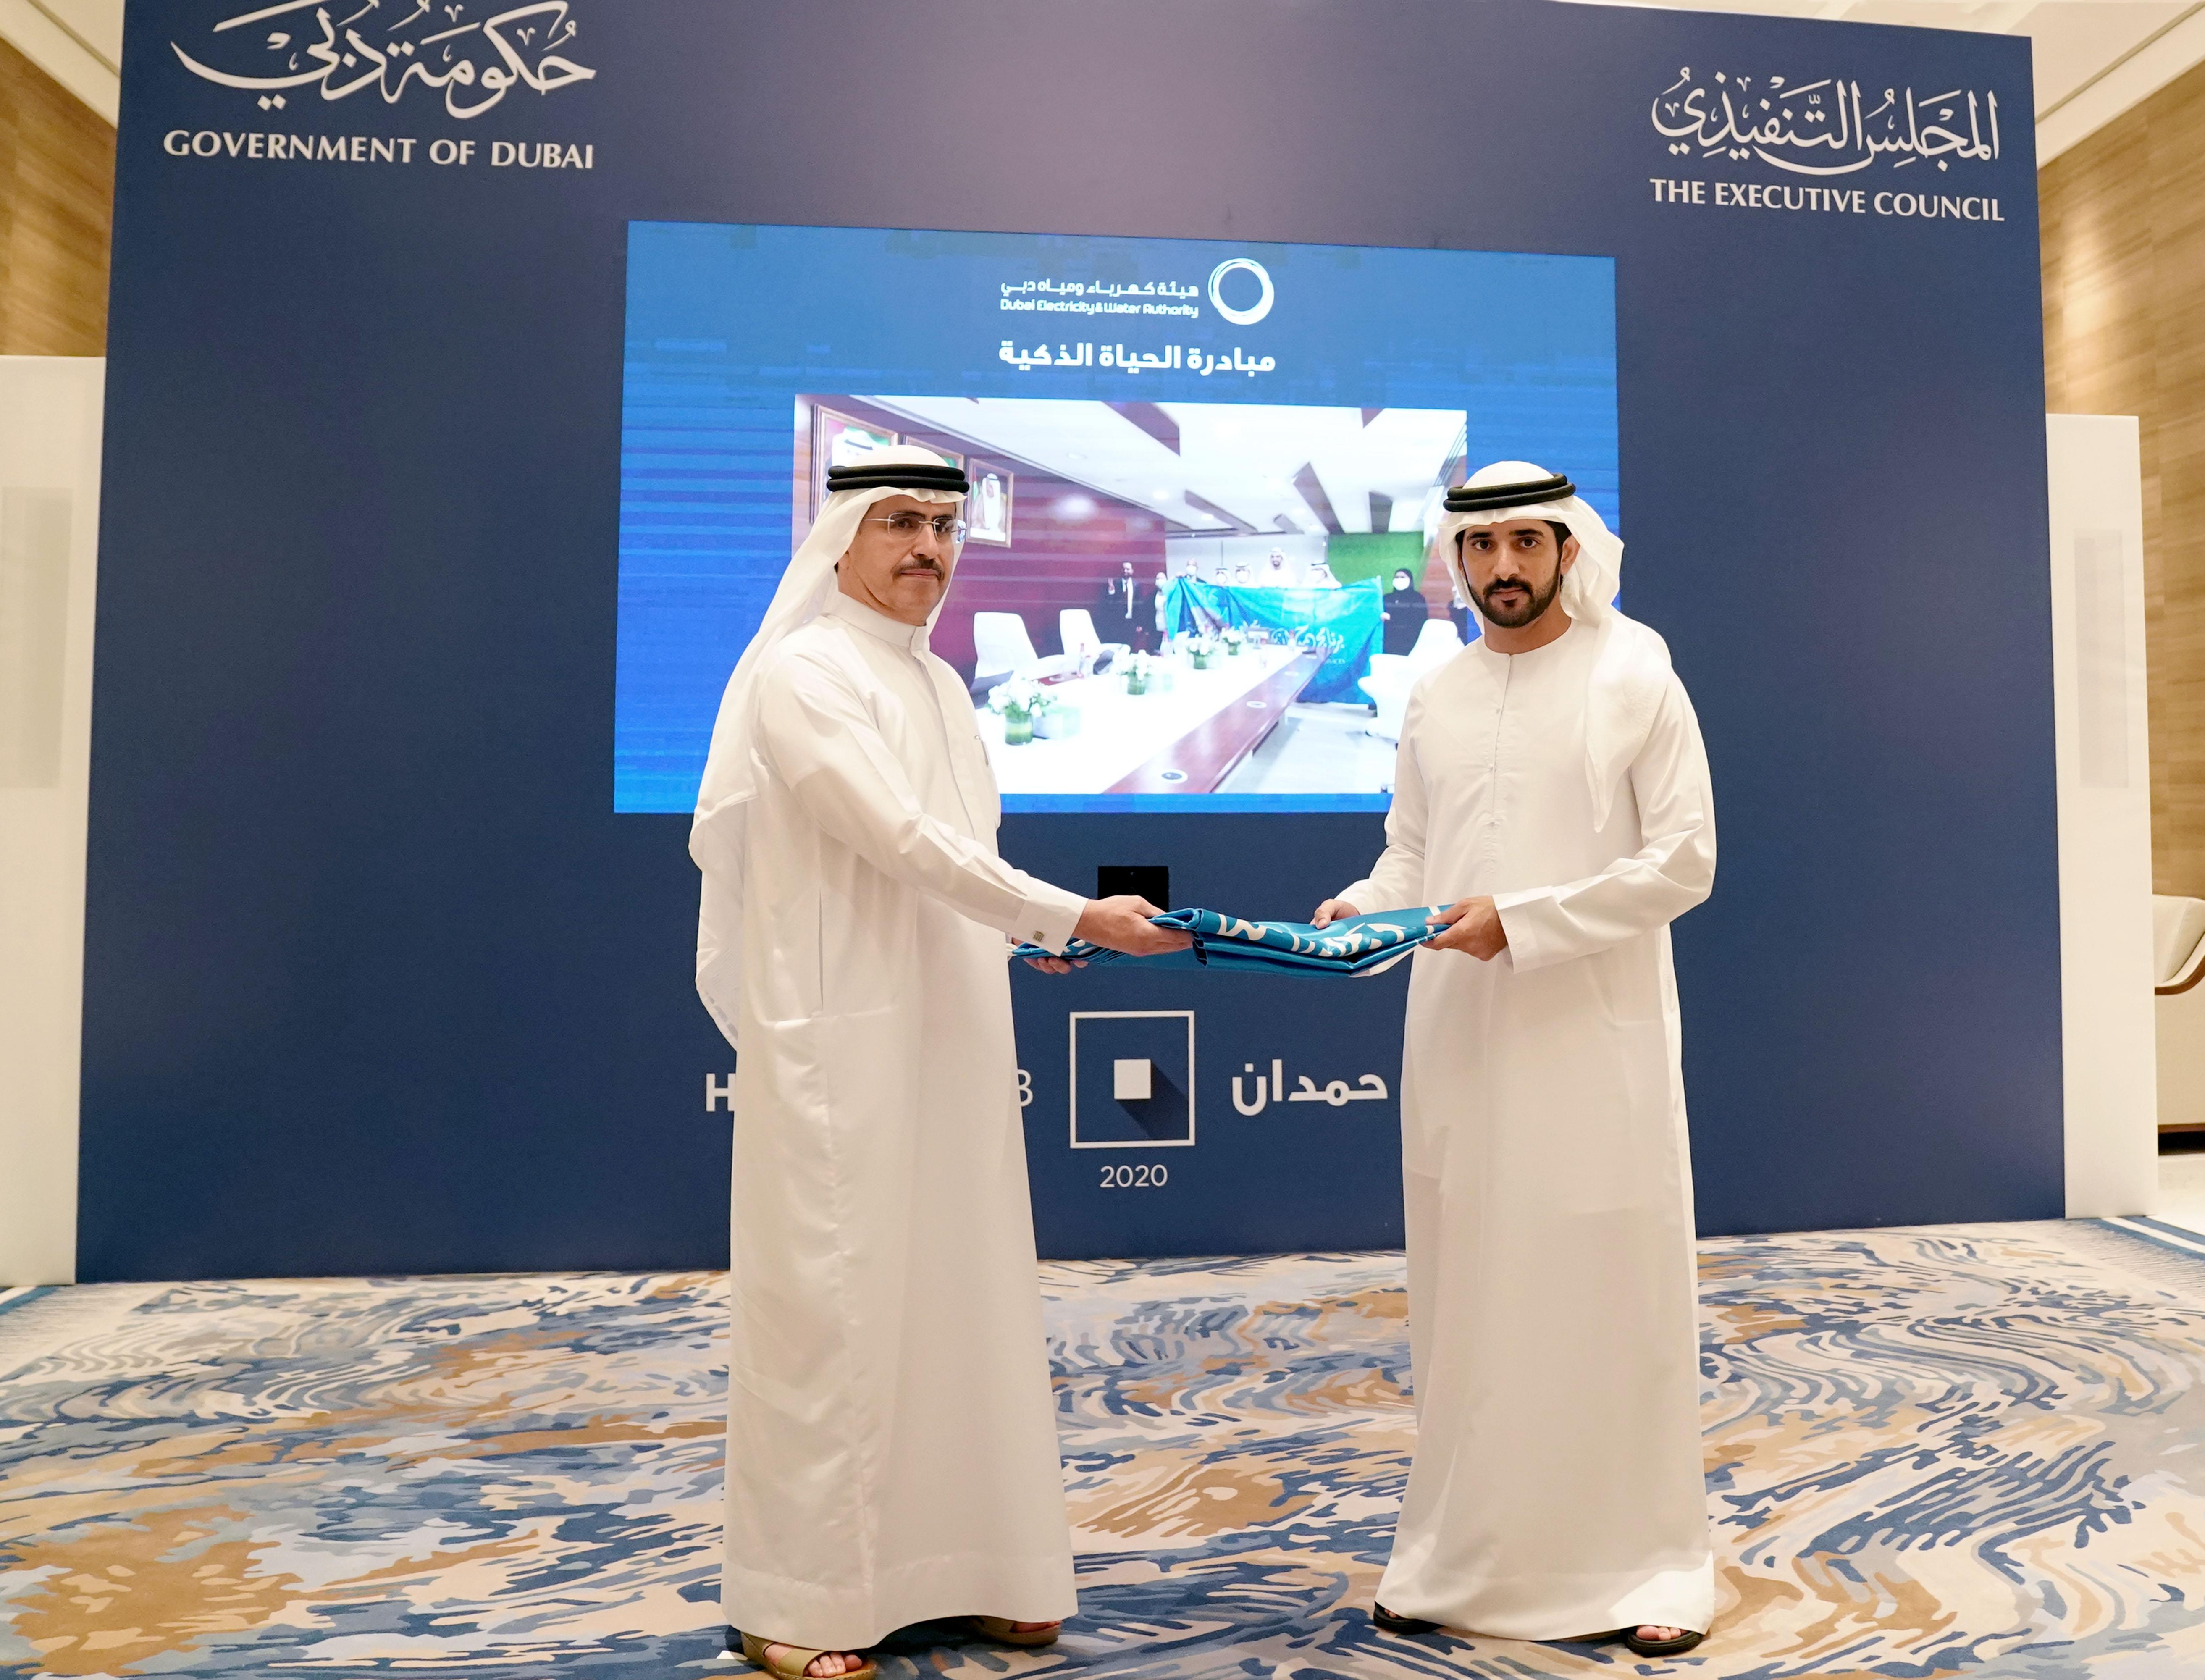 حمدان بن محمد يسلَّم هيئة كهرباء ومياه دبي راية برنامج حمدان بن محمد للخدمات الحكومية 2020